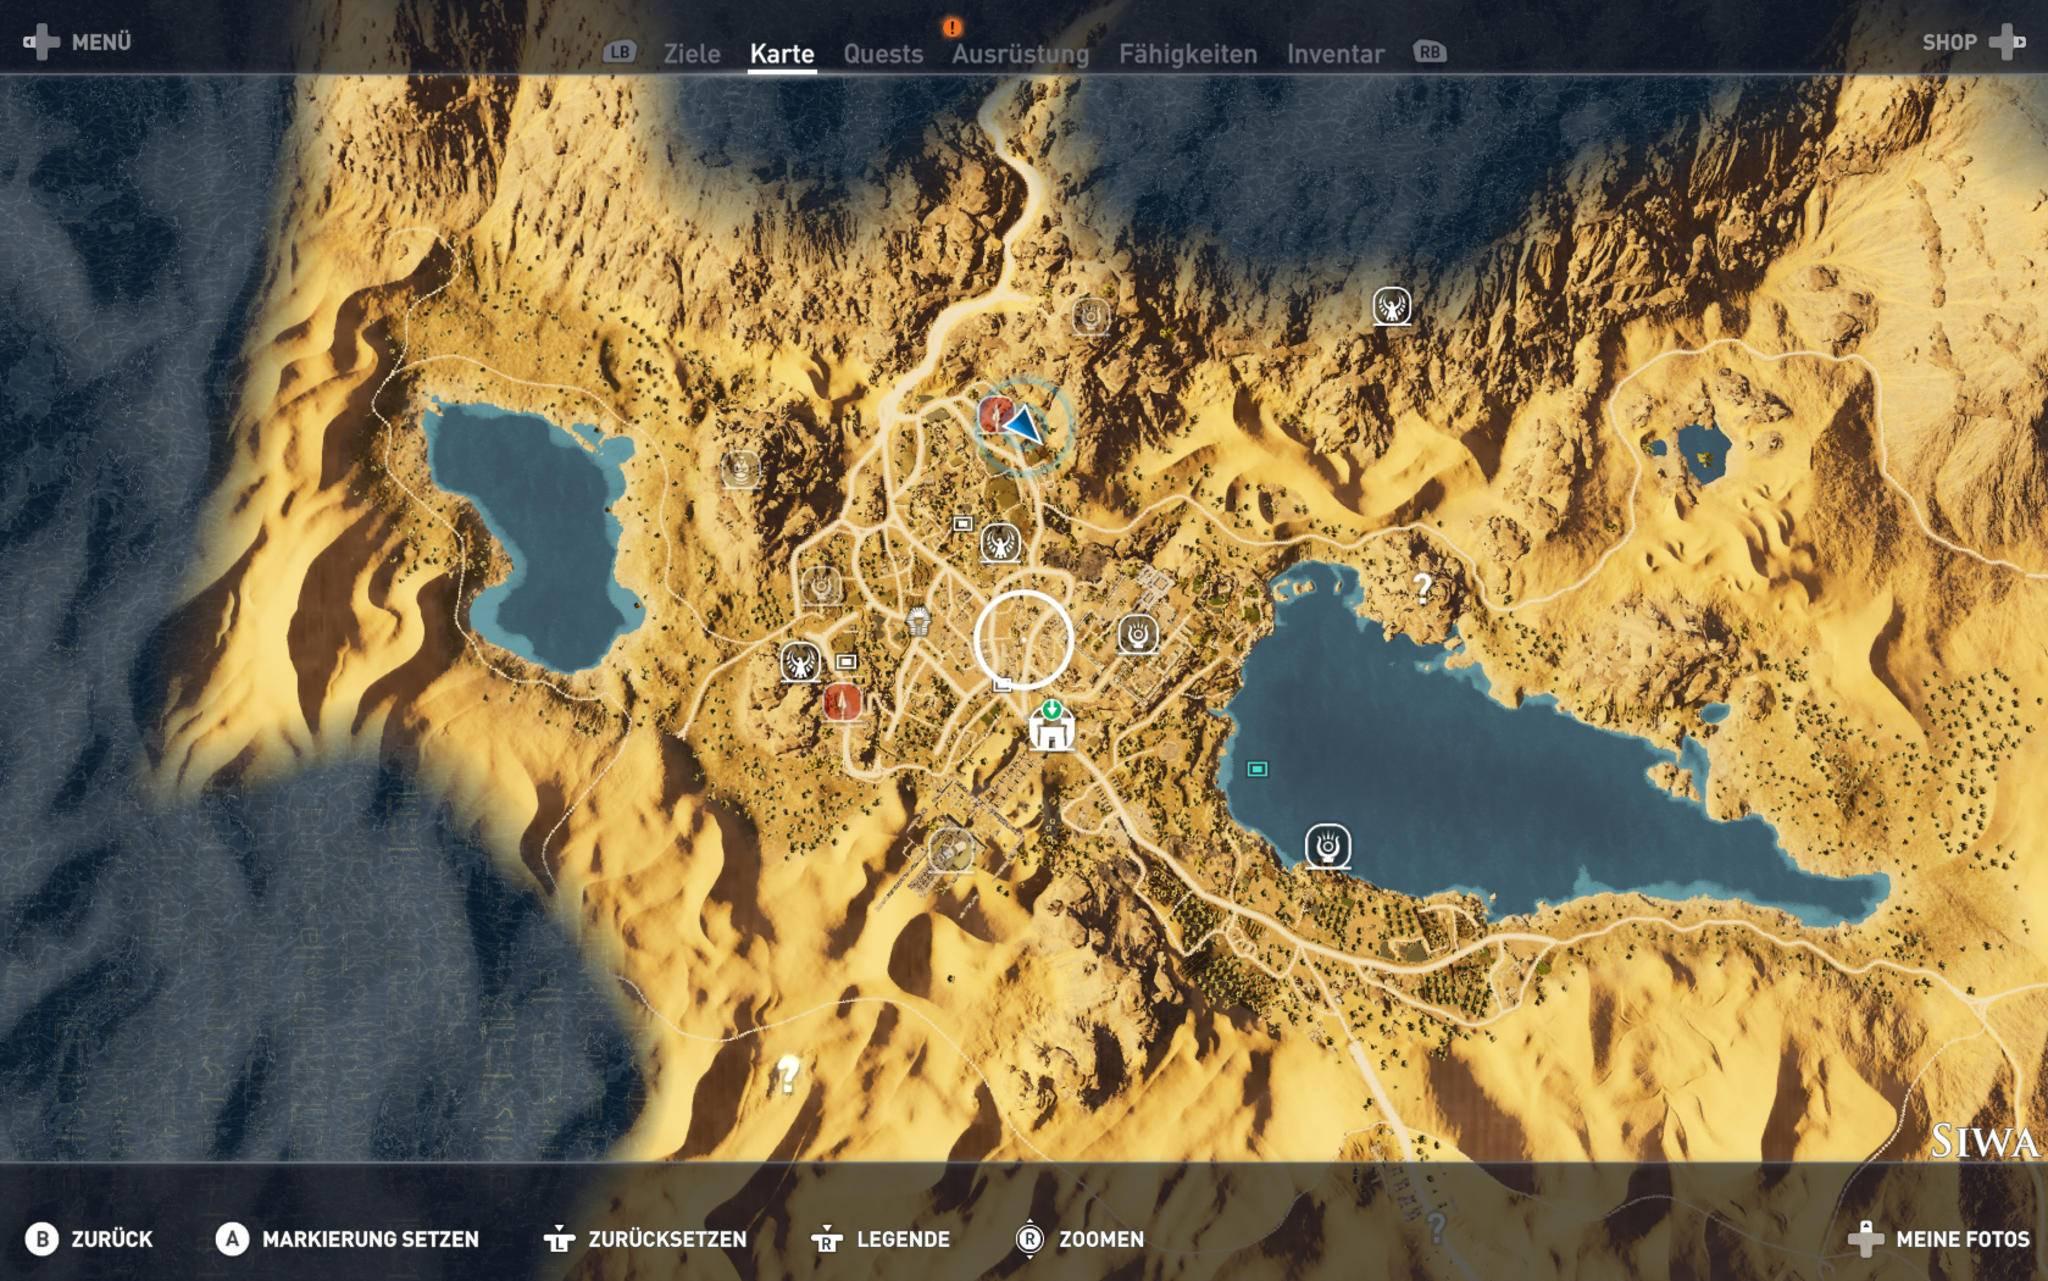 Die Karte mit den Quest-Orten, und ...